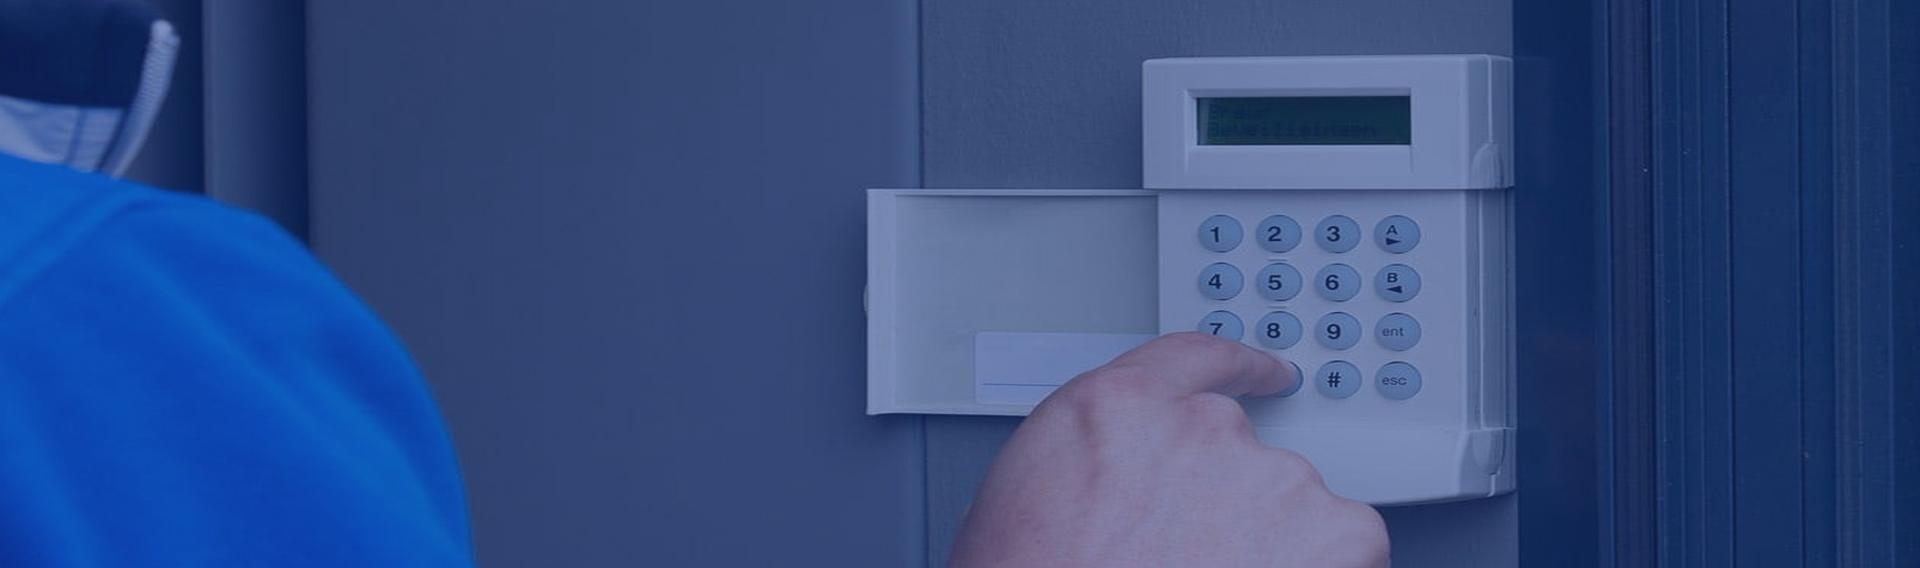 intruder-security-alarm-melbourne